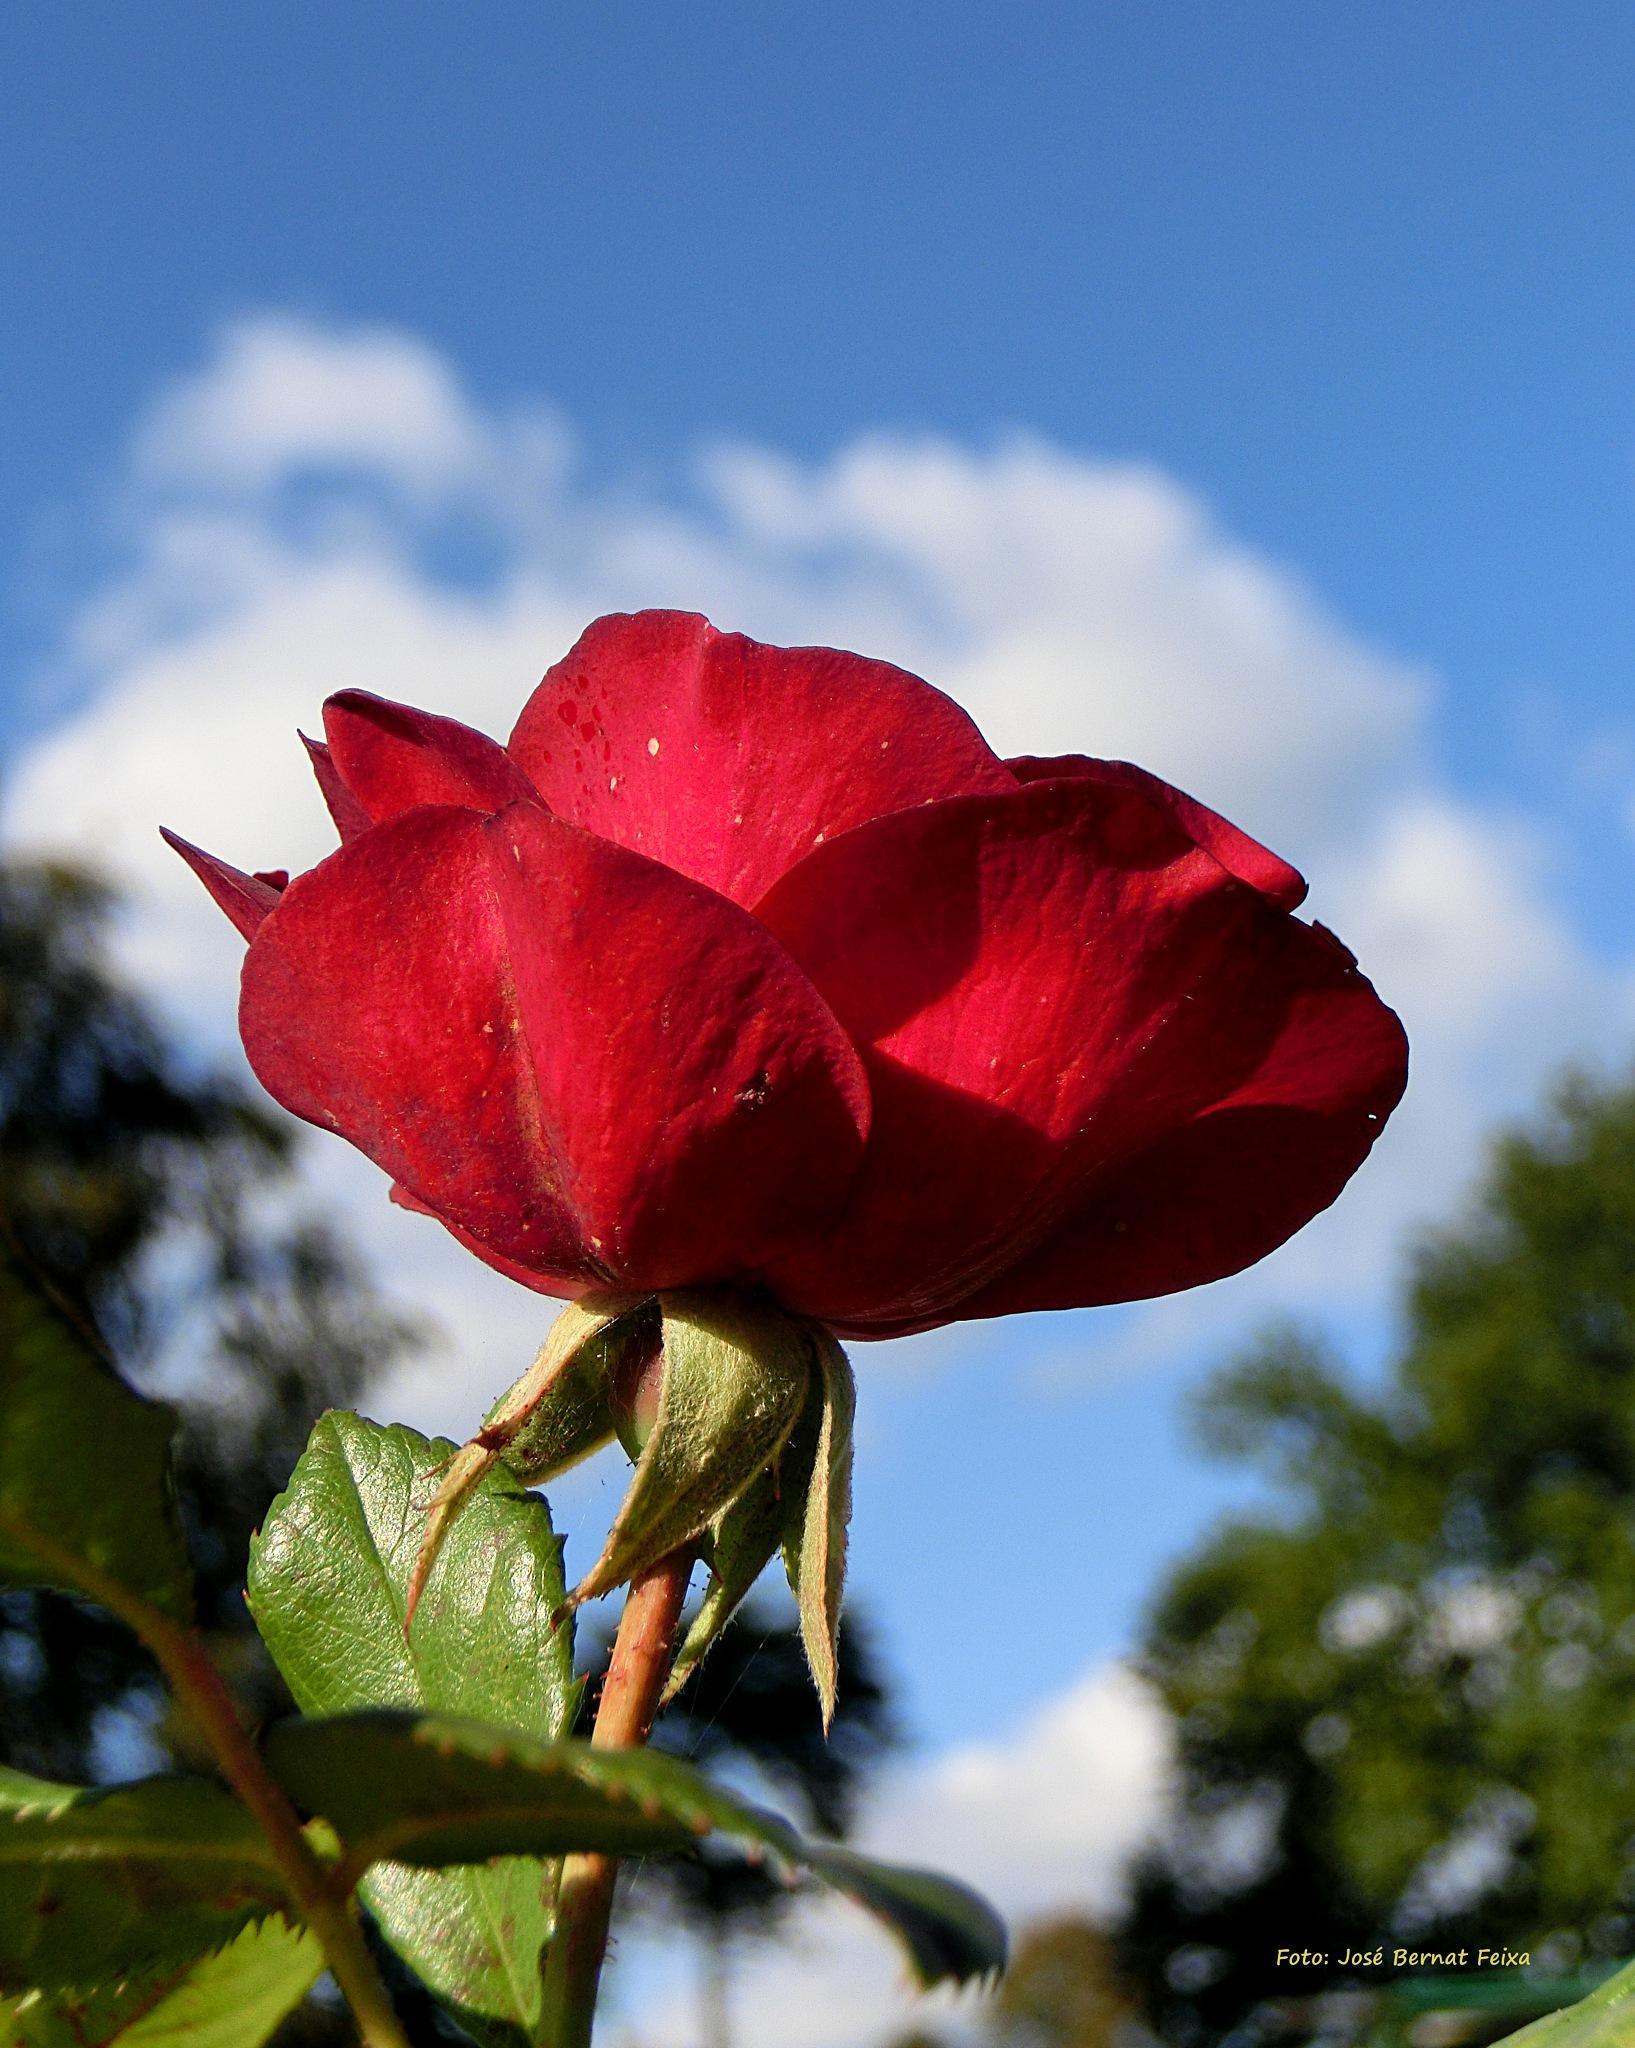 ROSA ROJA; RODE ROOS; RED ROSE by José Bernat Feixa